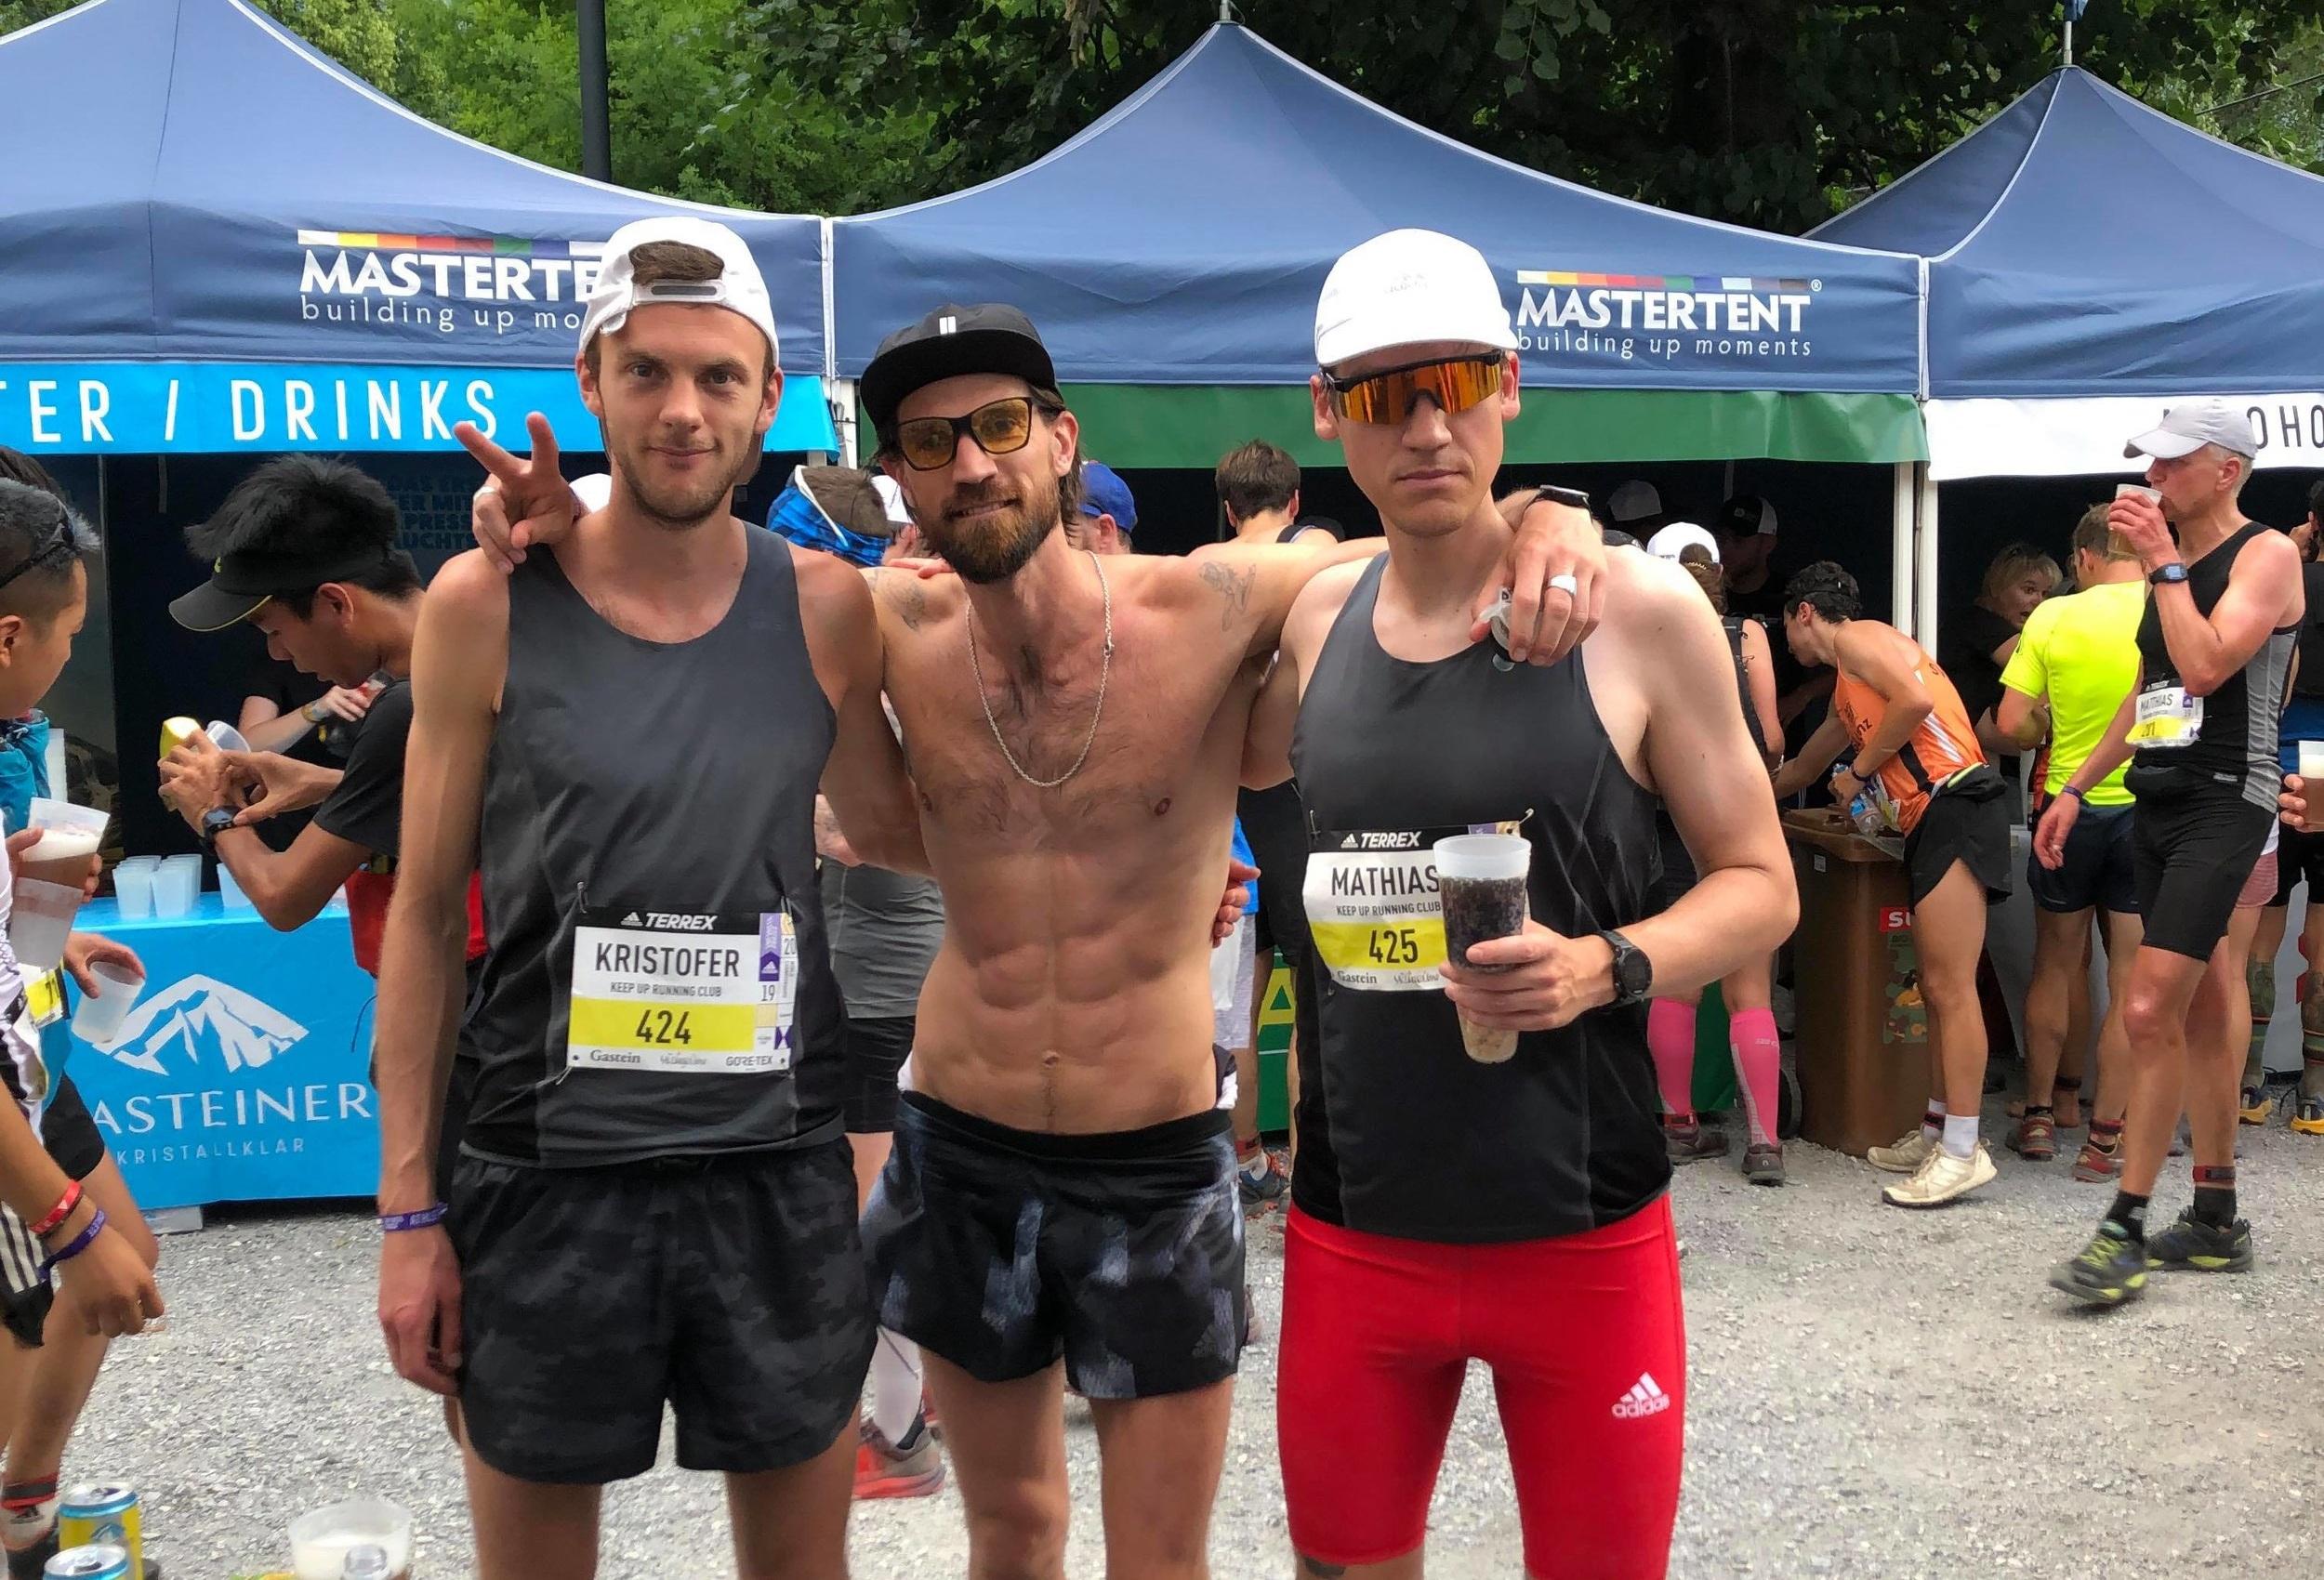 Hofvet-löparna Kristofer Låås, Henrik Fallenius och Mathias Ösmark är redo för utmaningen.